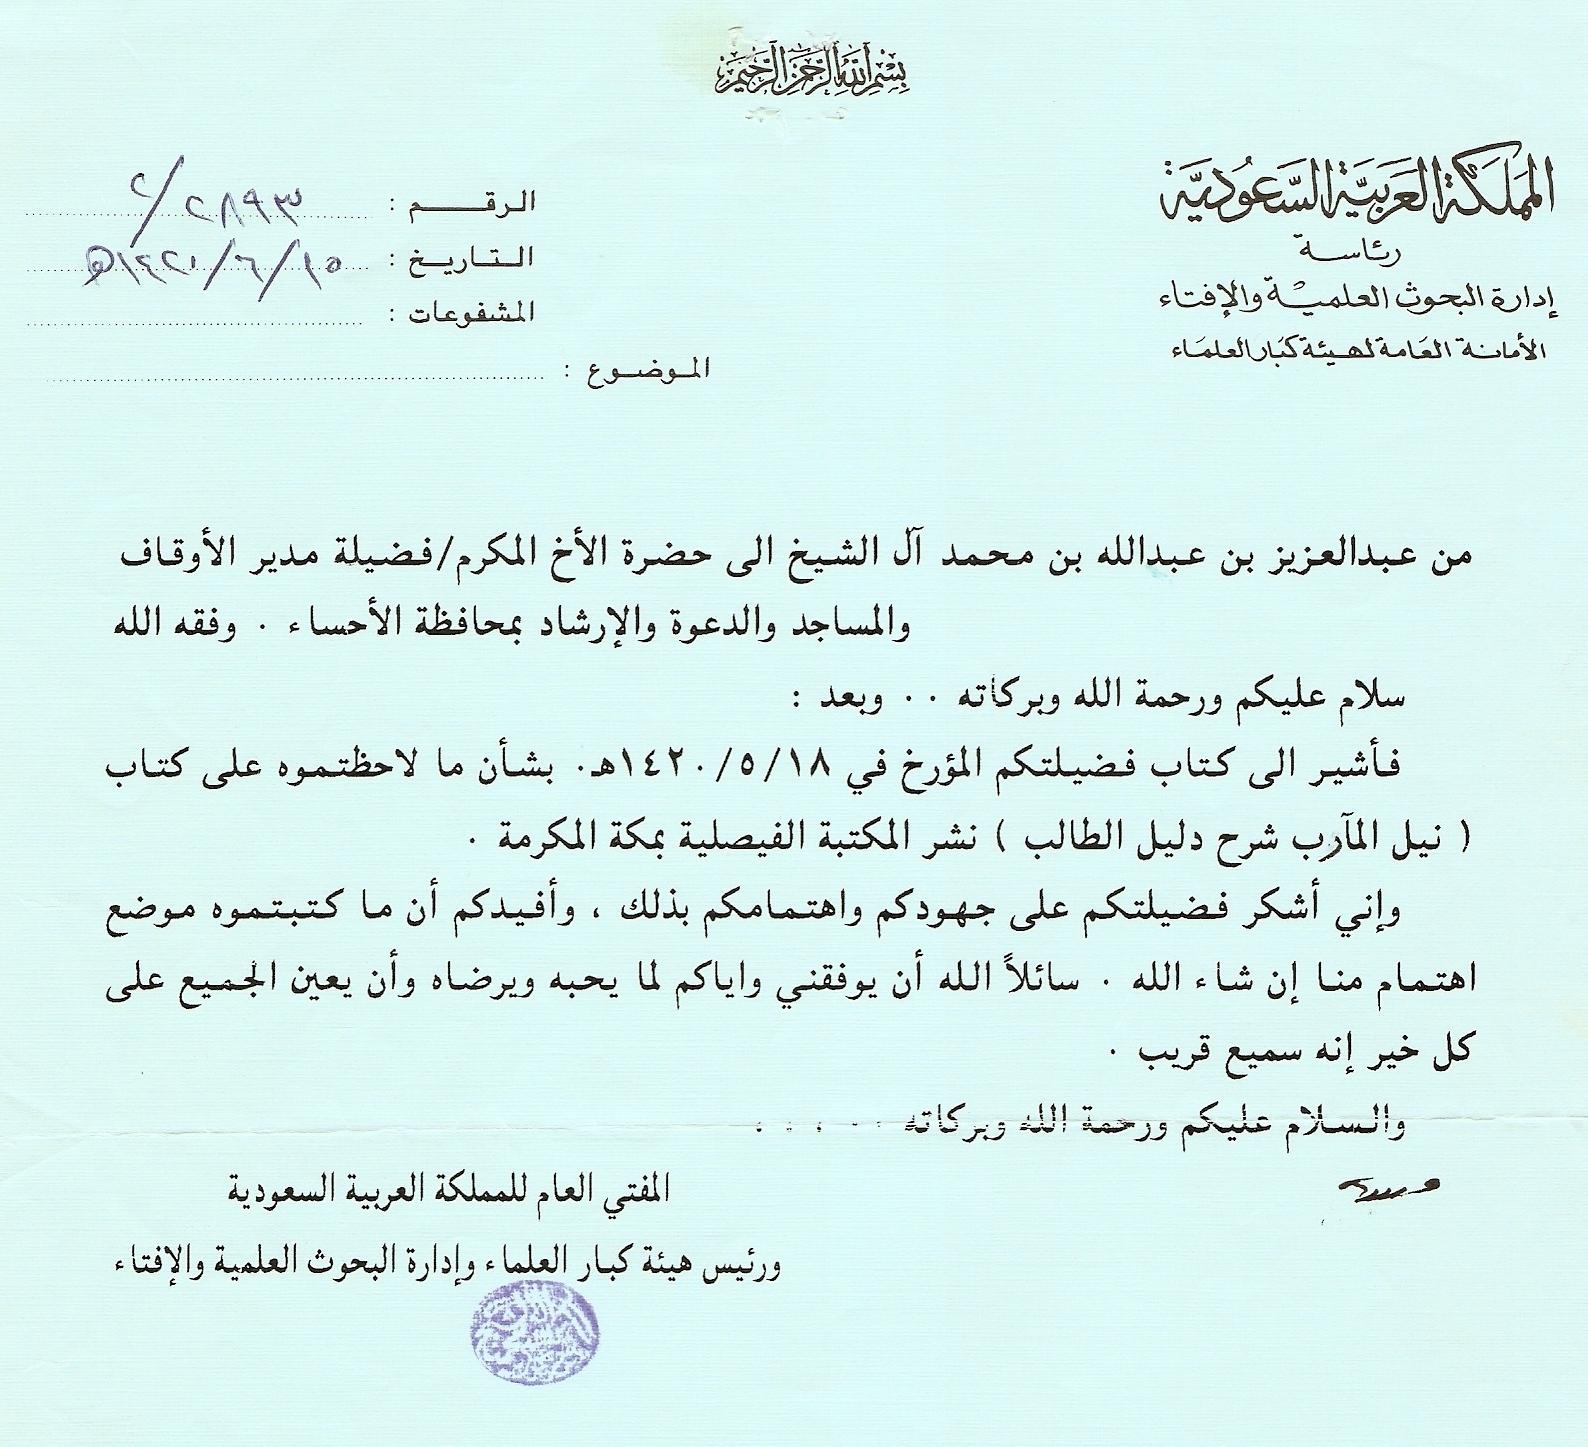 خطاب سماحة الشيخ عبدالعزيز بن عبدالله آل الشيخ